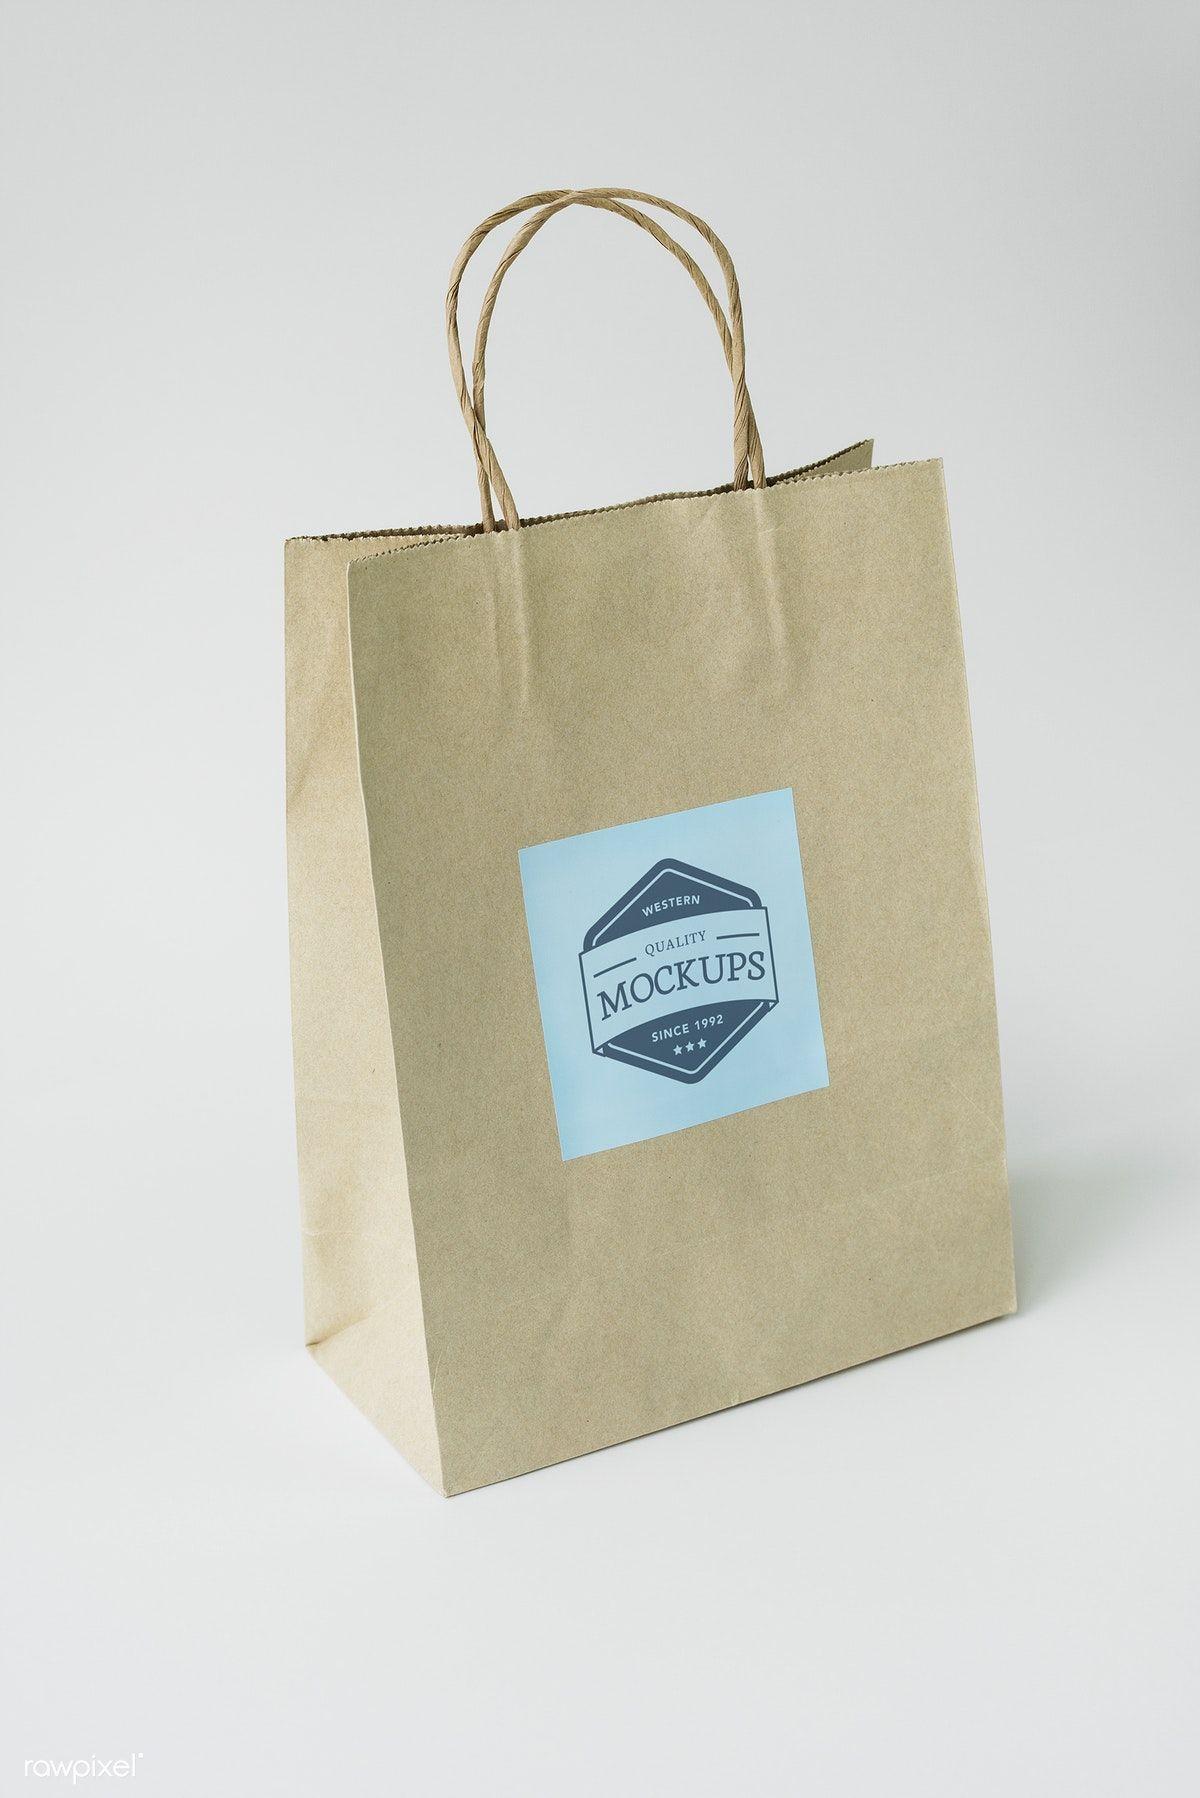 Download Premium Psd Of Paper Bag Mockup 296331 Bag Mockup Mockup Paper Bag